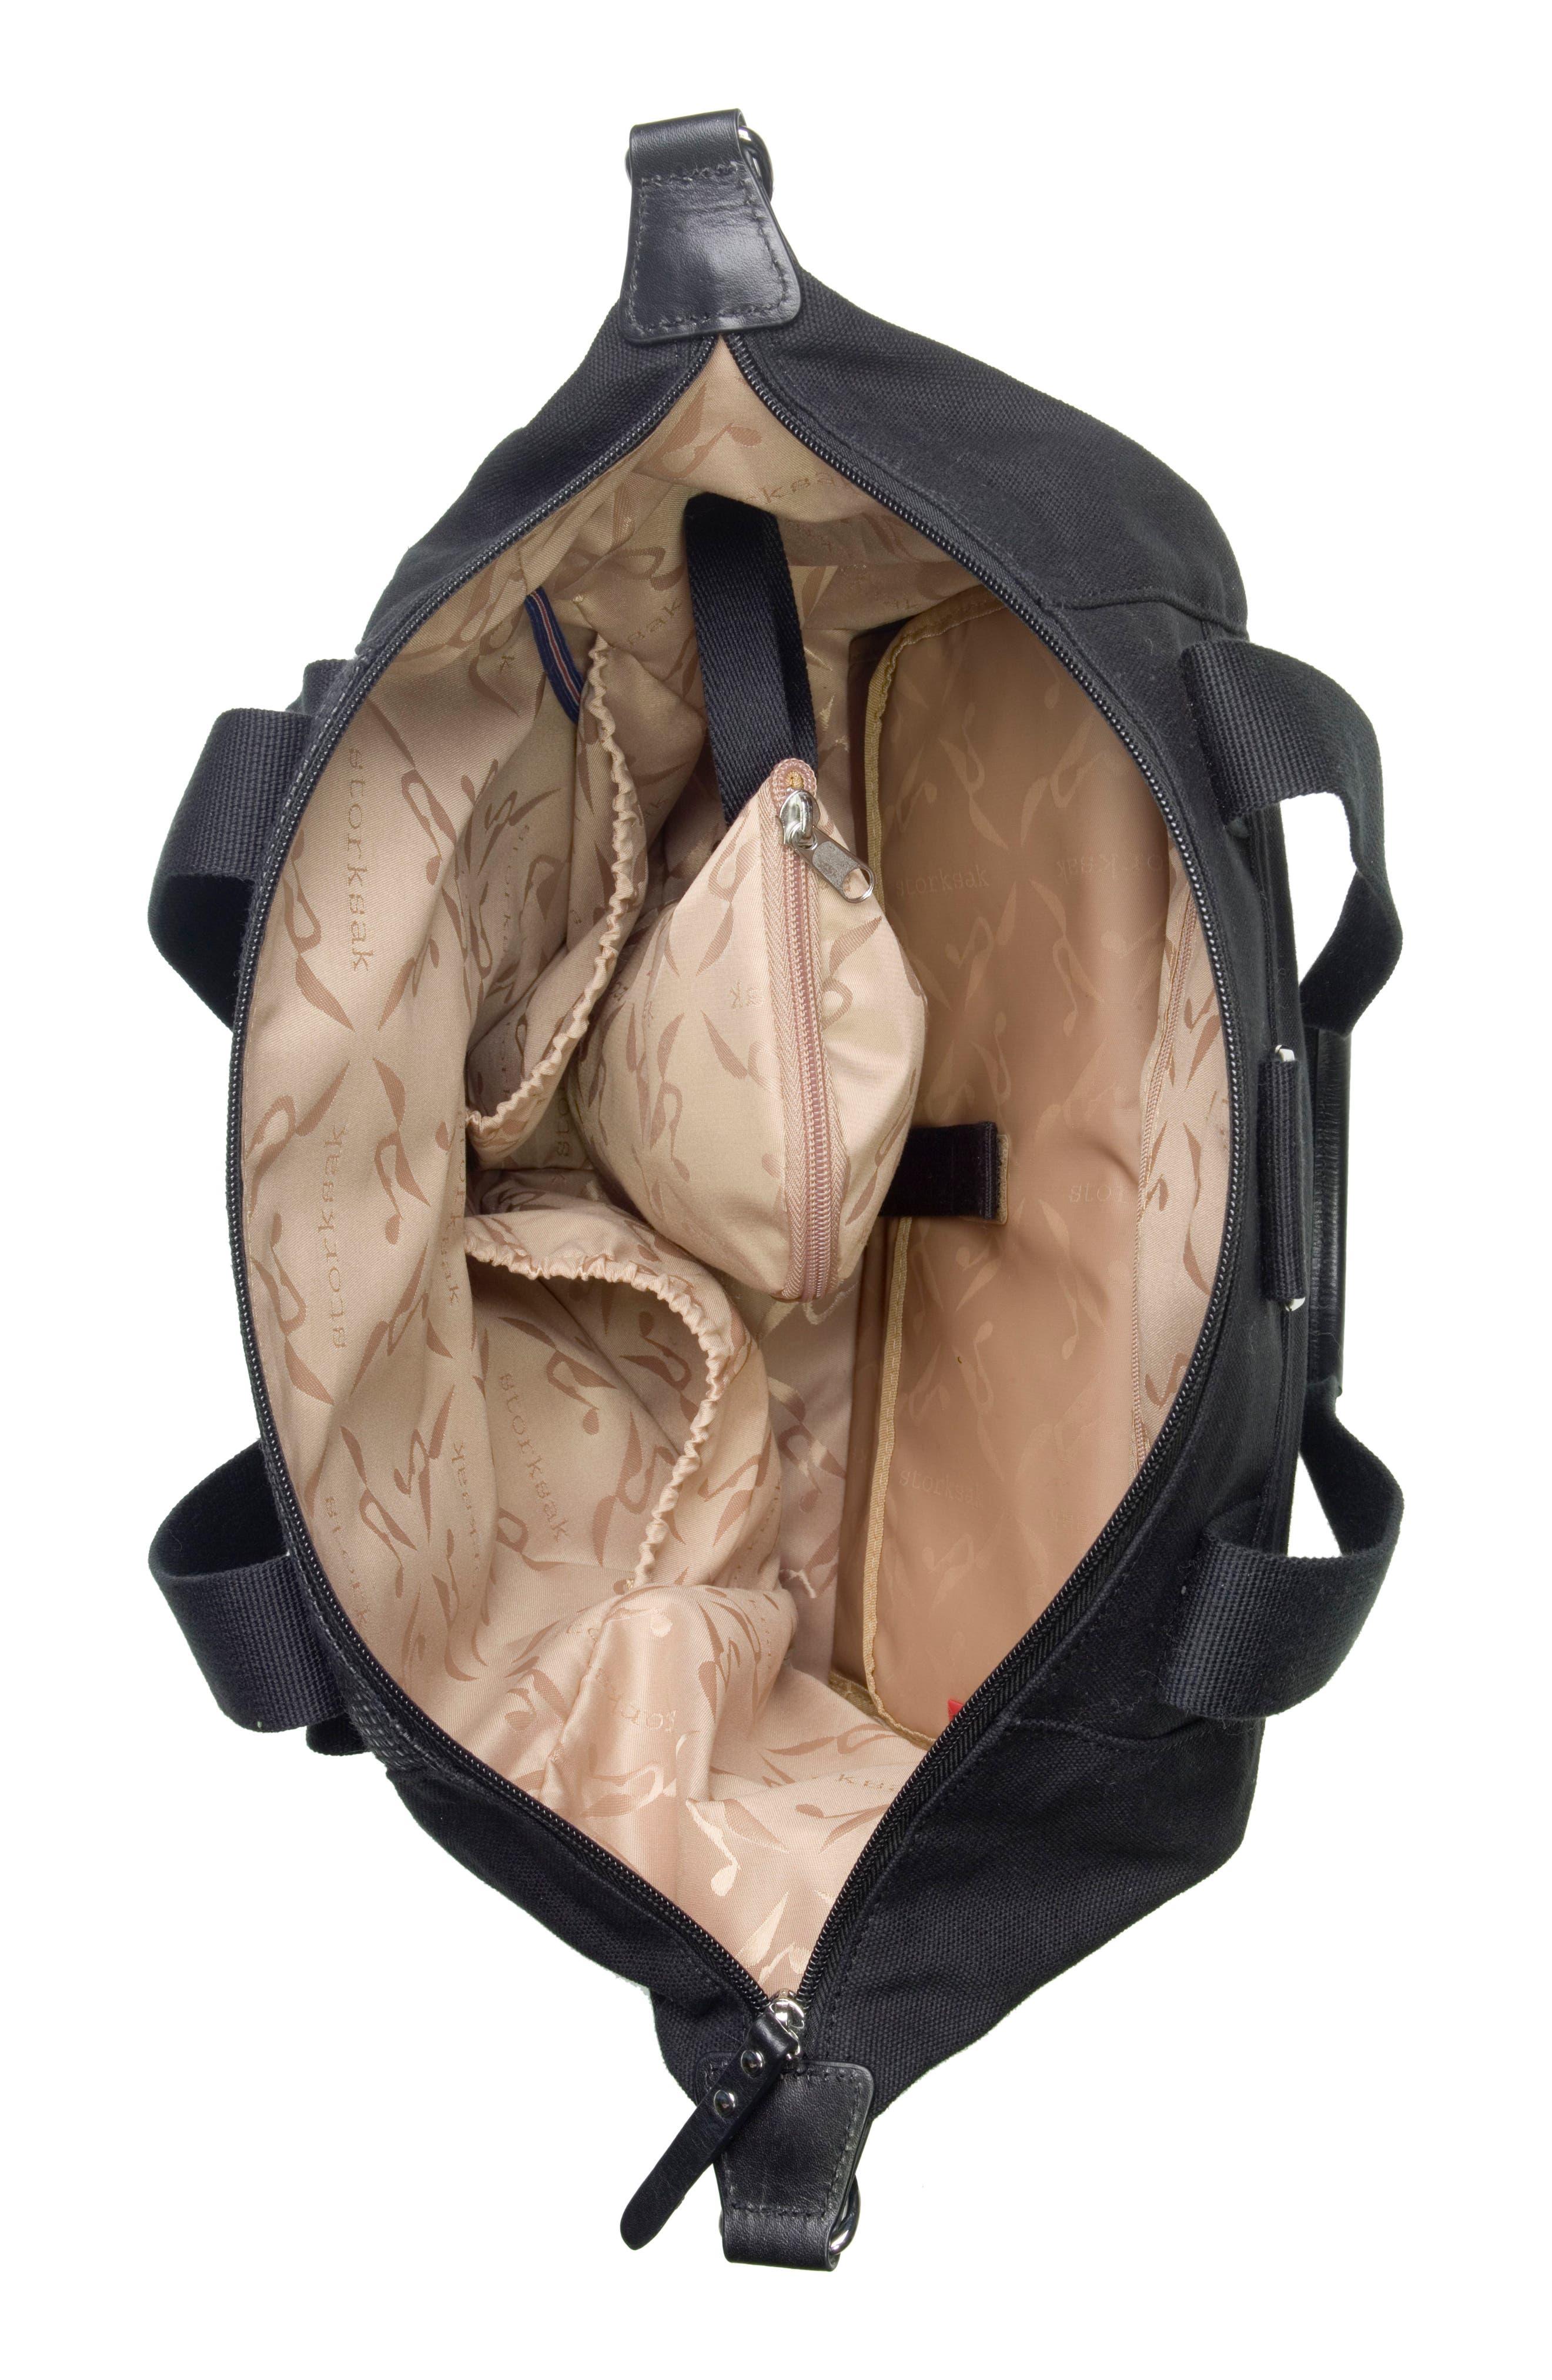 Jude Convertible Diaper Bag,                             Alternate thumbnail 6, color,                             Black